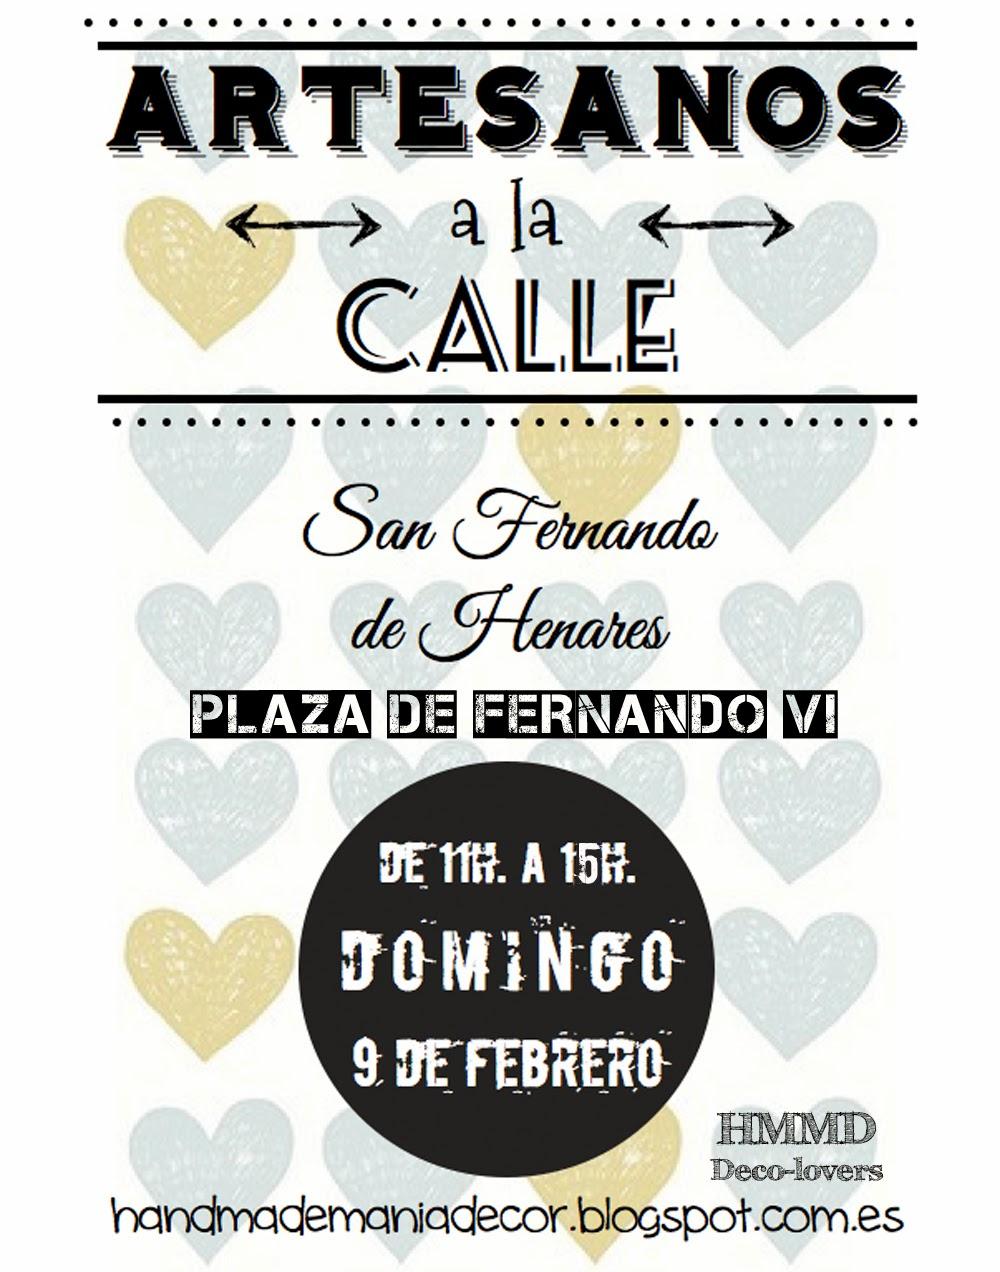 Mercadillo de artesanía San Fernando de Henares, Madrid. Artesanos a la calle. Domingo 9 de febrero de 11h. a 15h. Handmademaniadecor en su primero mercadillo. HMMD flea market.